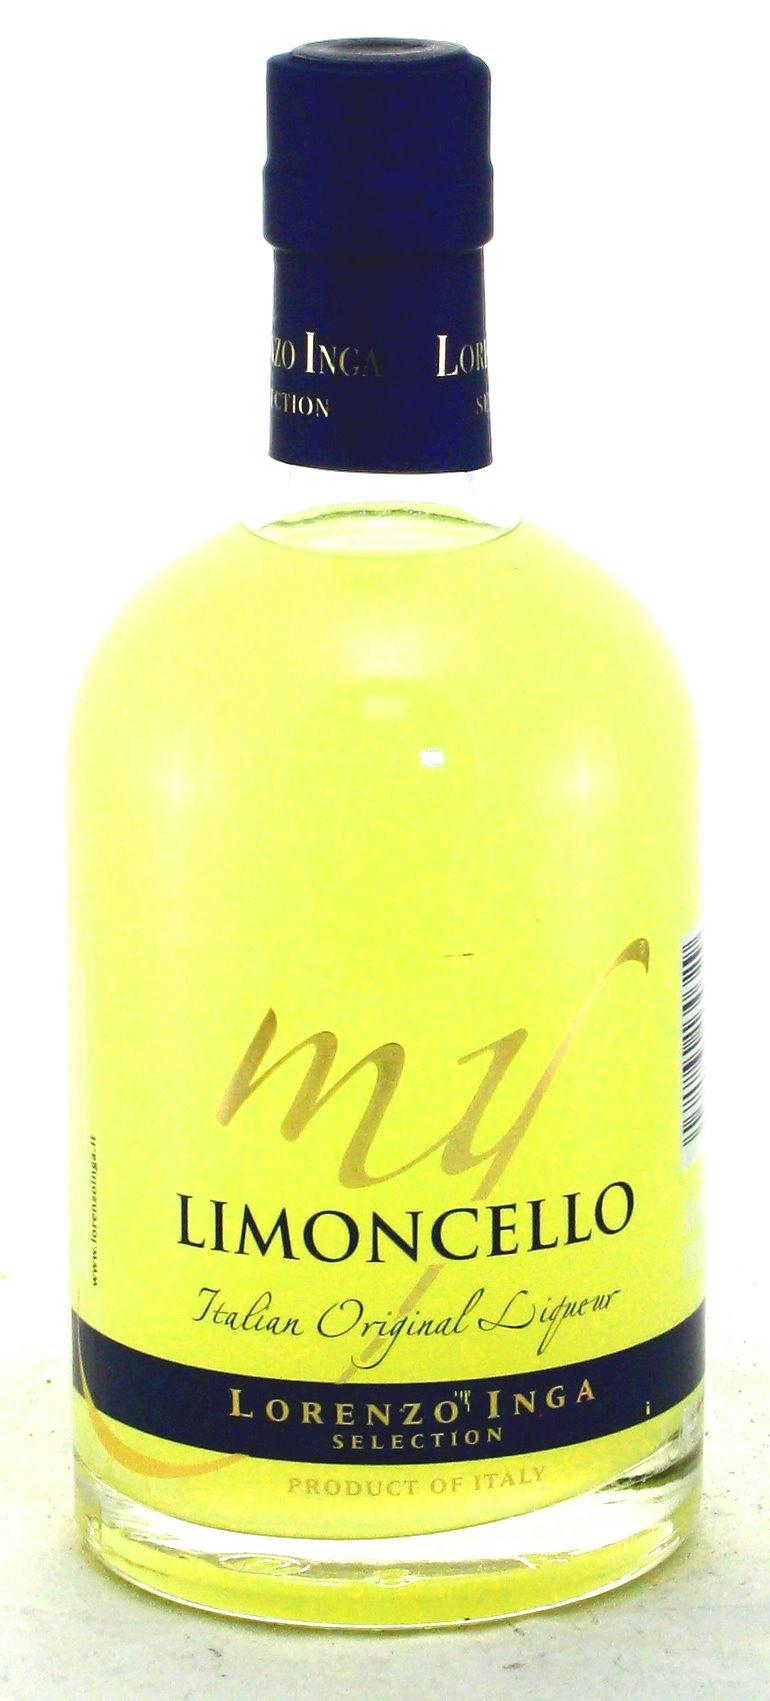 Limoncello Inga